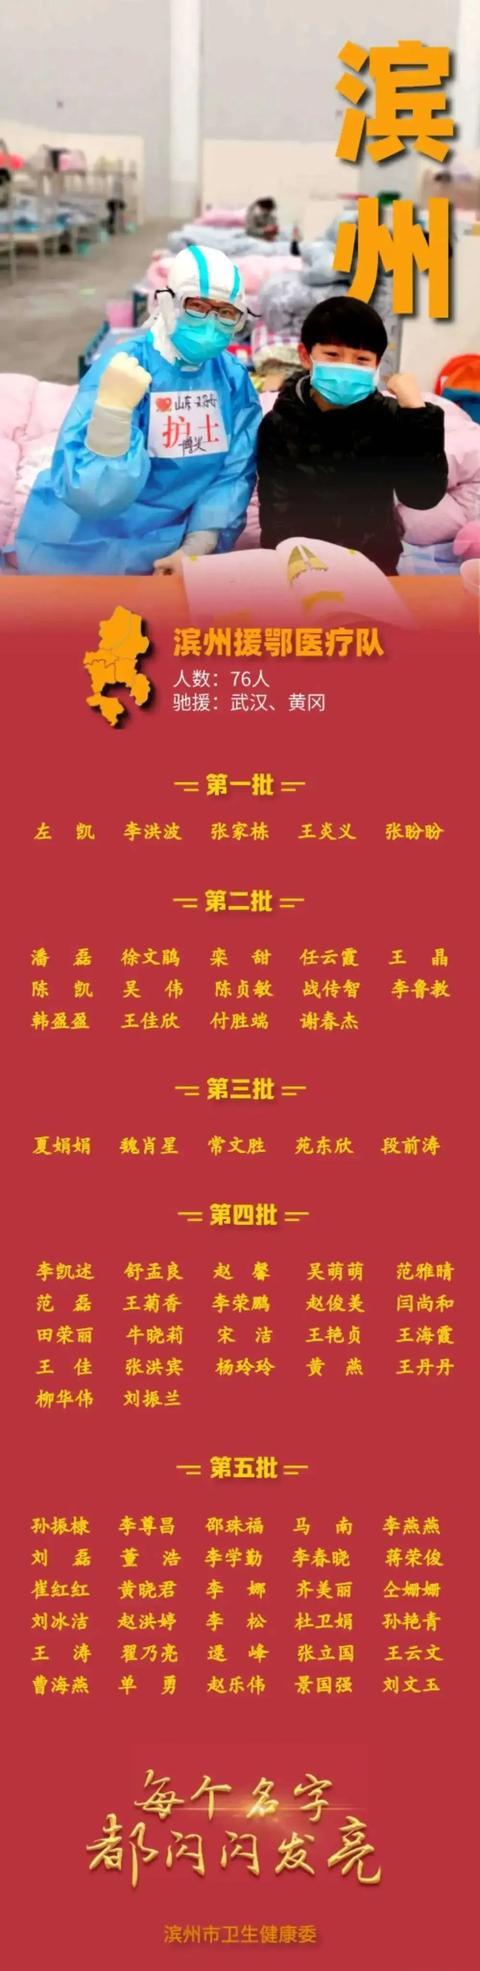 滨州人口_鲁渝劳务协作重庆劳务人口滨州就业